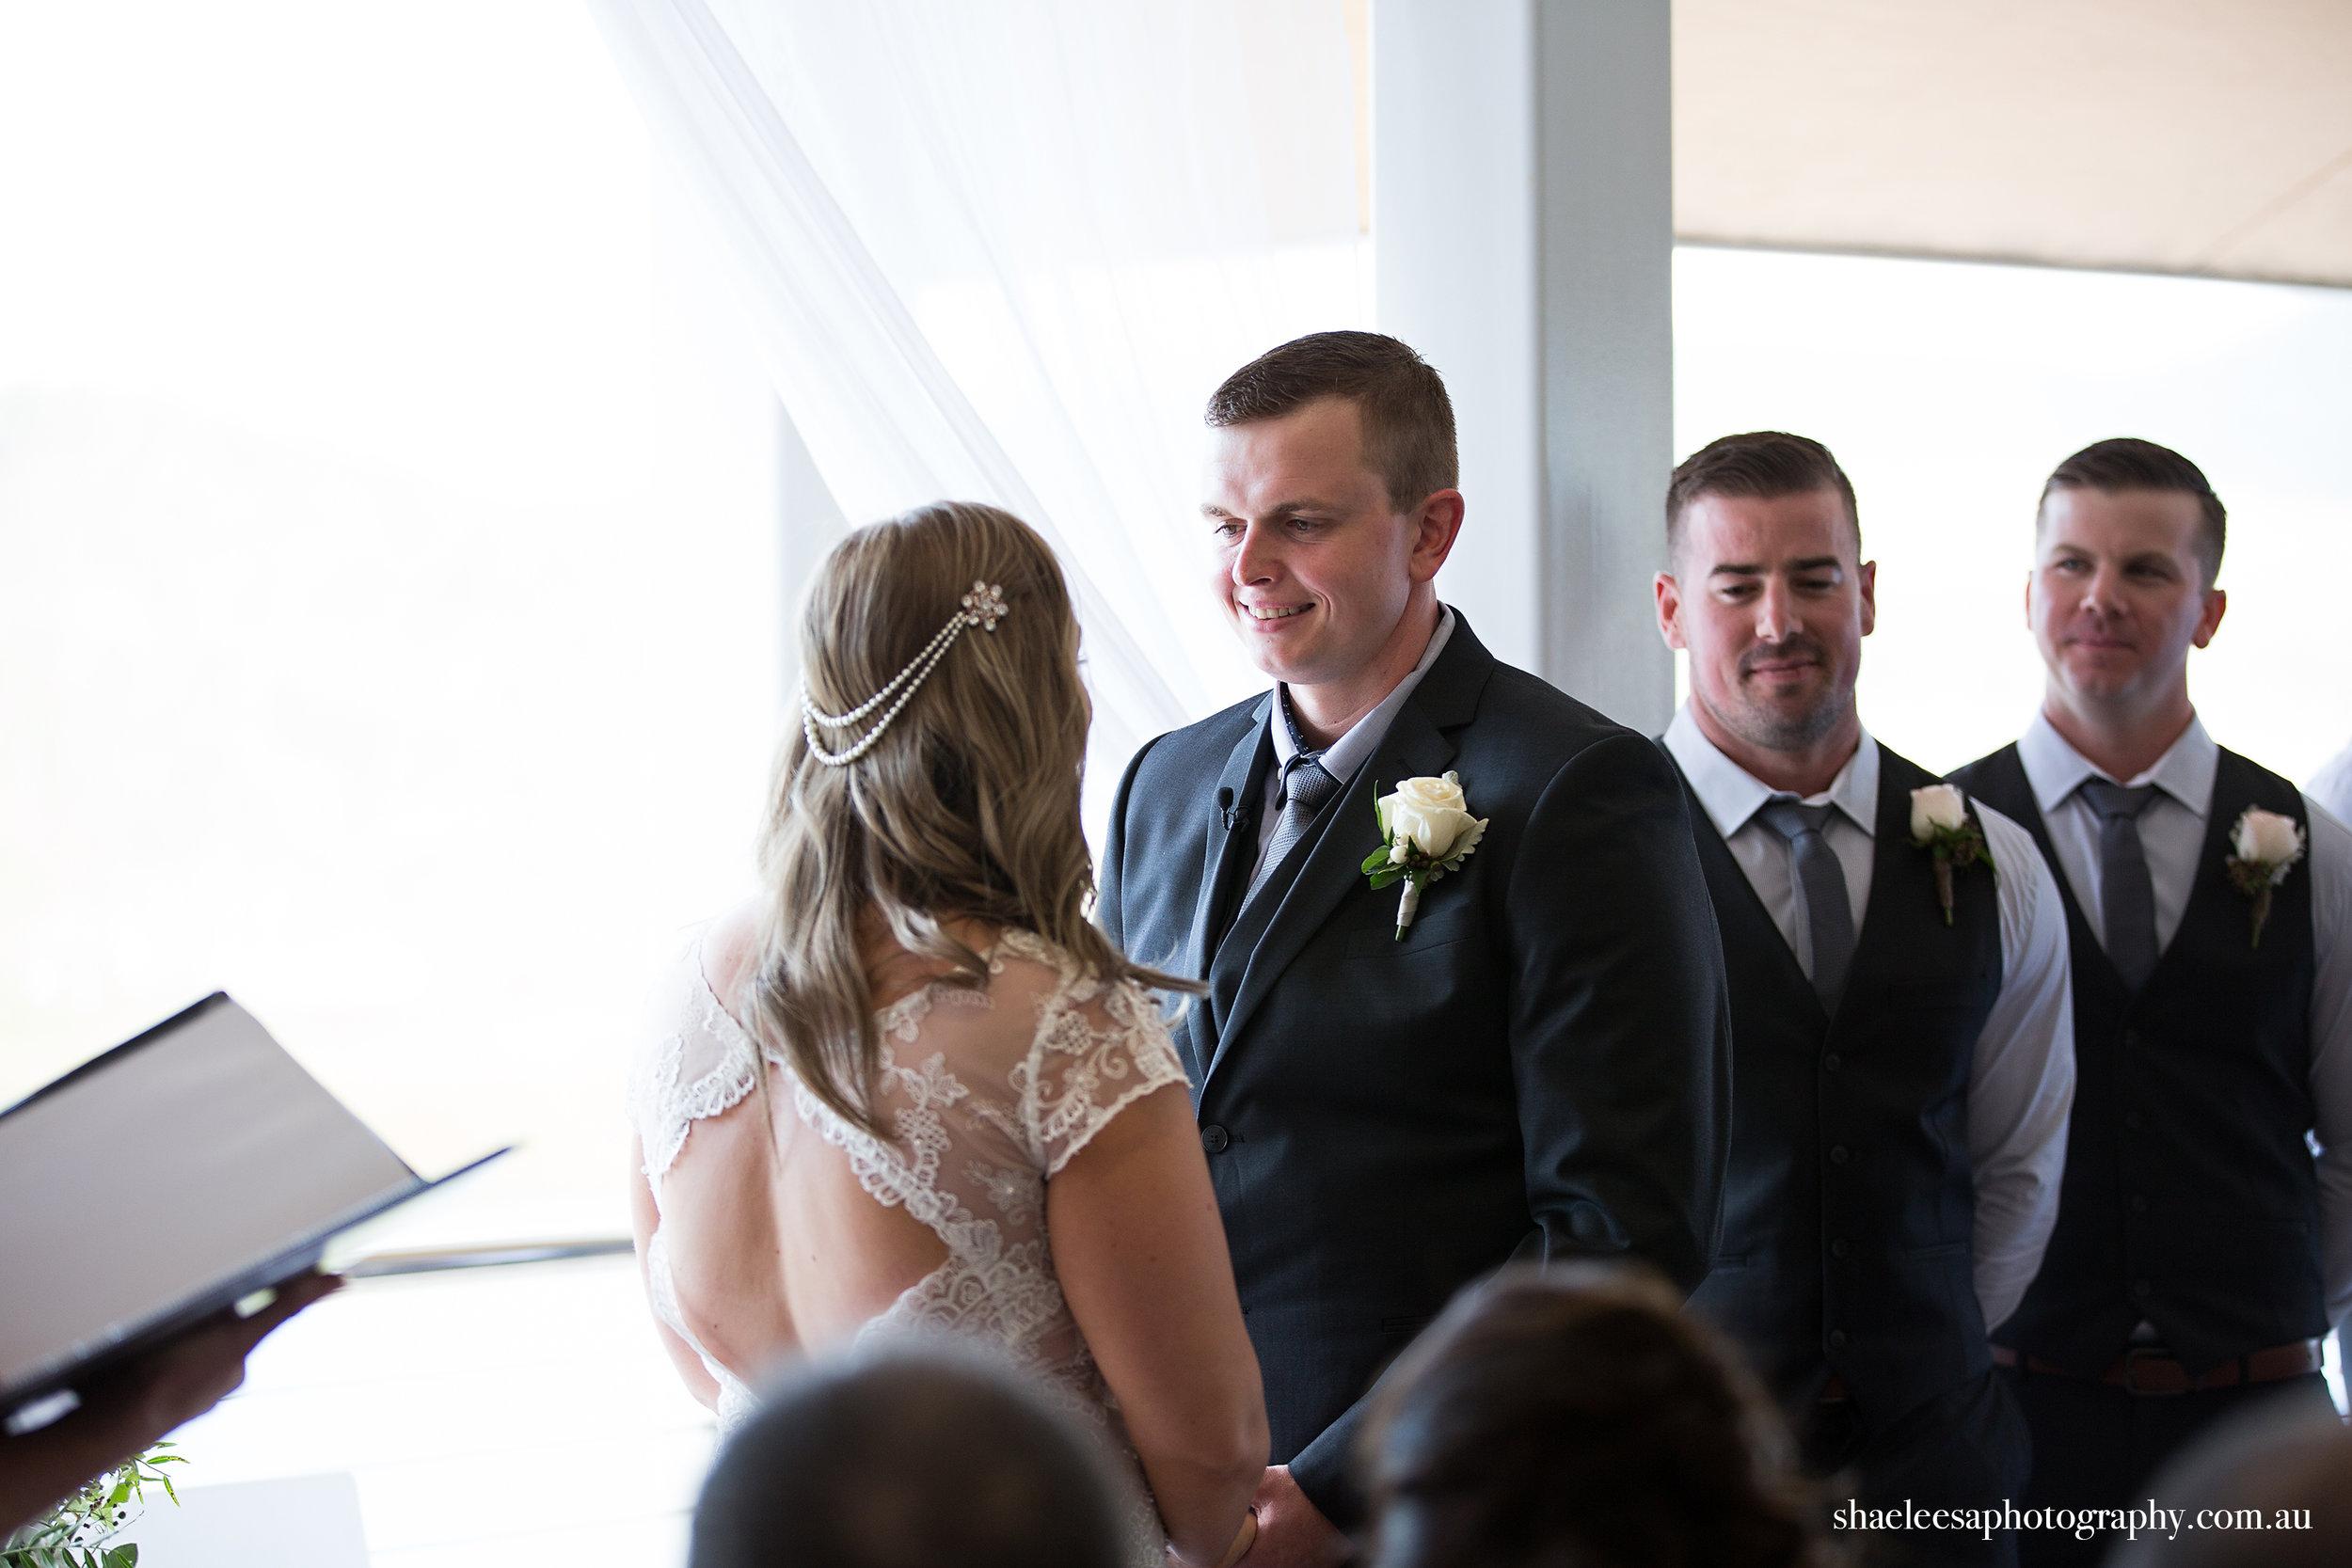 WeddingsByShae_065_McDermid2017.jpg